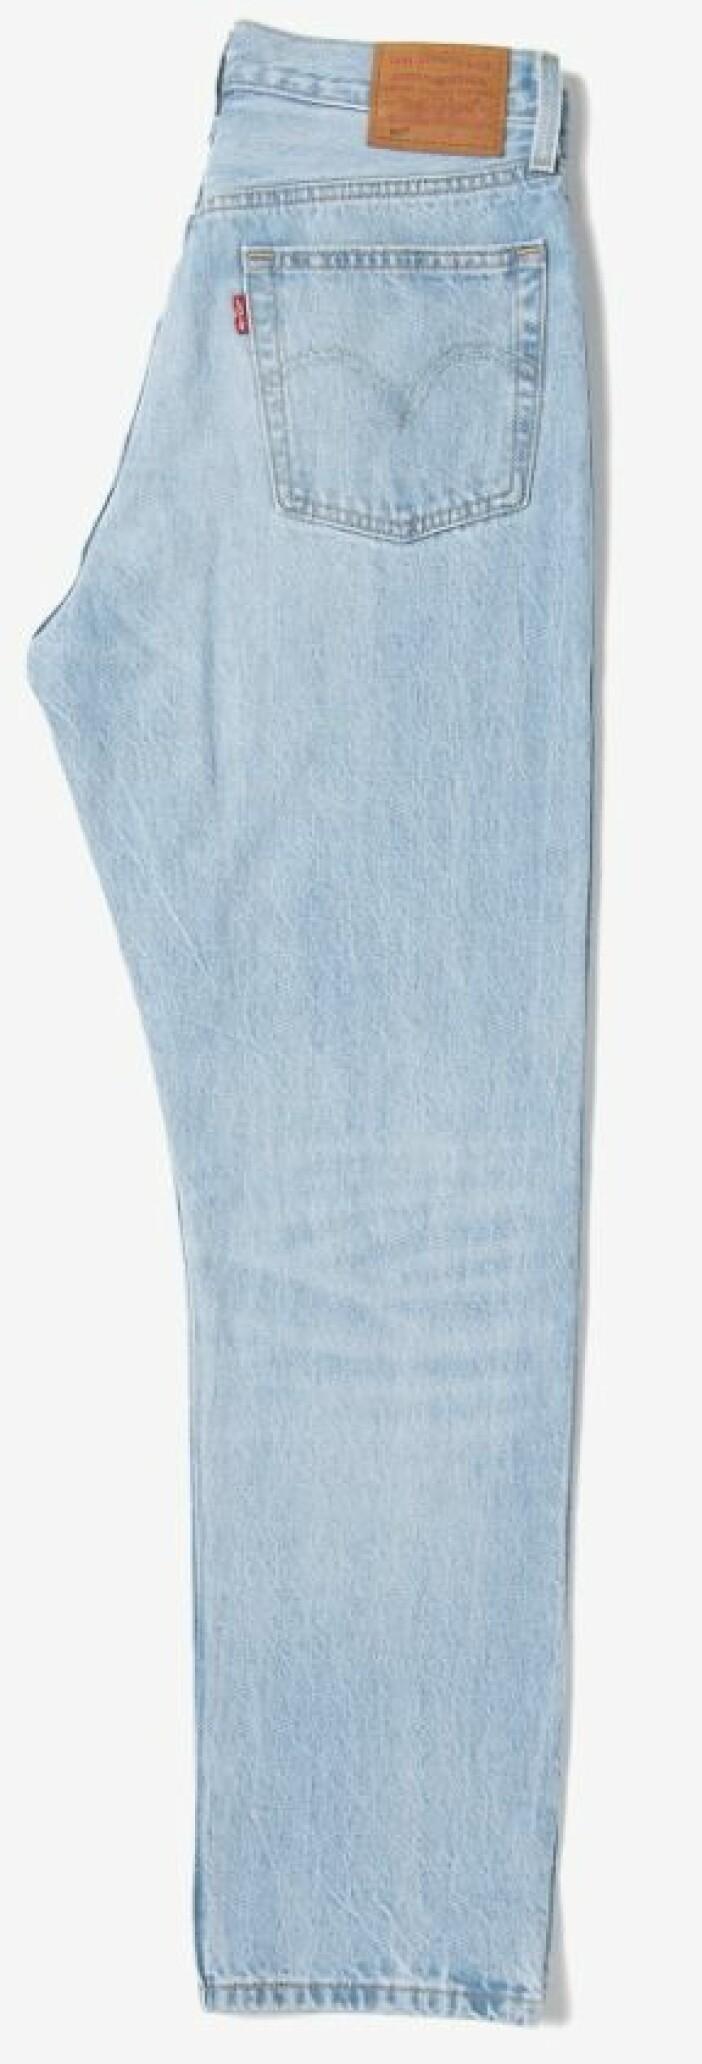 Ljusblå jeans i rak modell från Levis